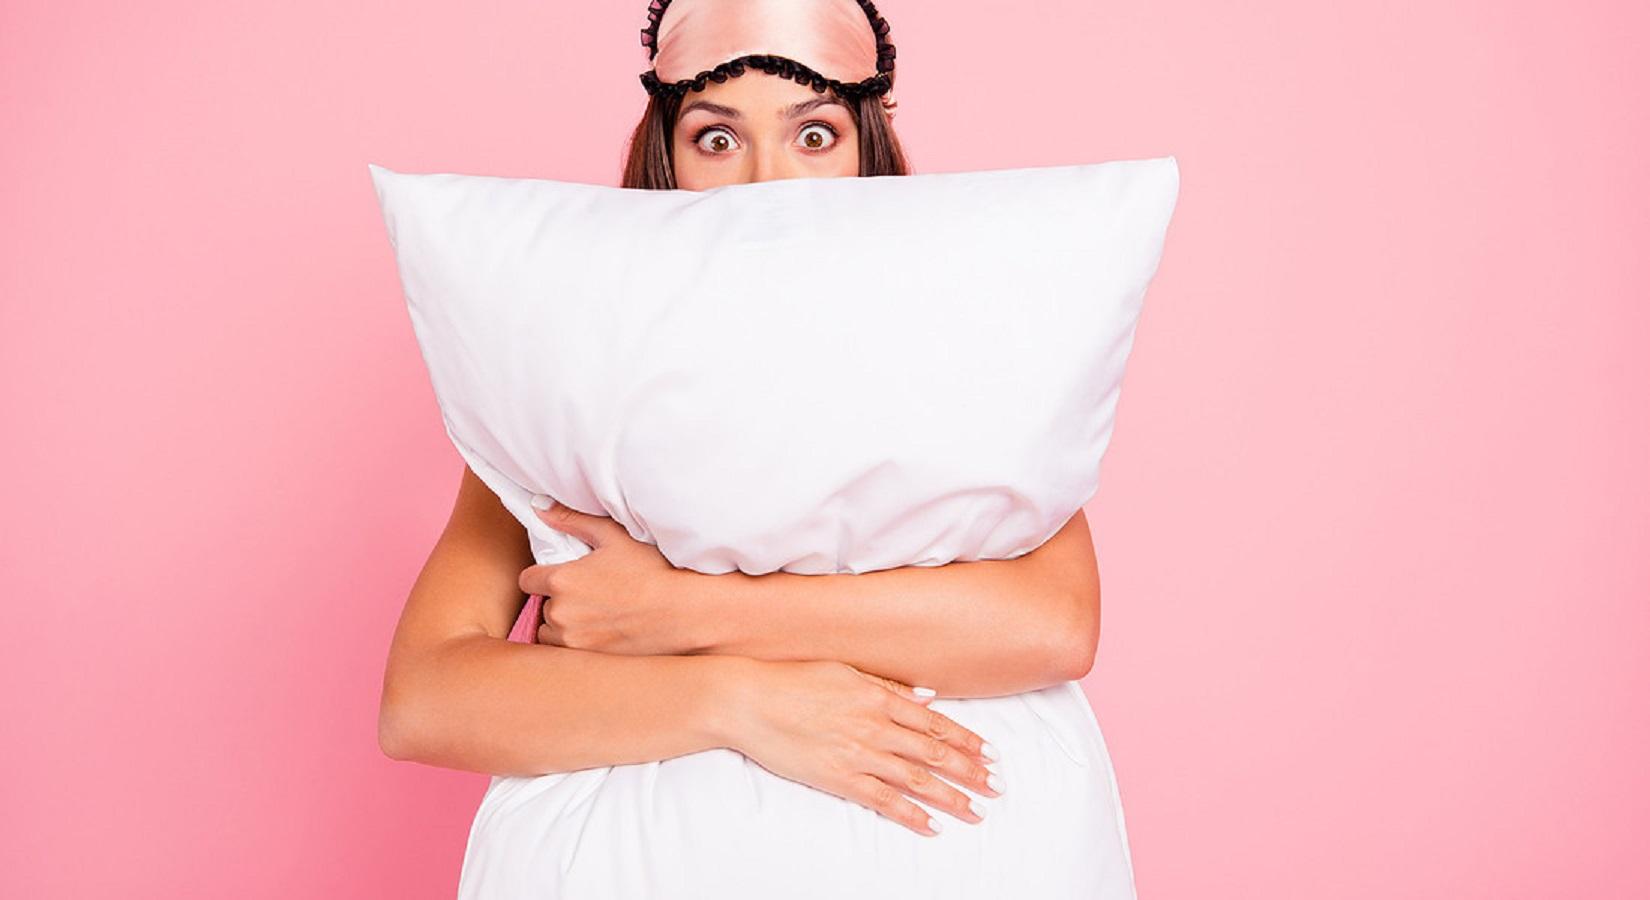 Stress post lockdown e insonnia: 6 consigli per dormire meglio